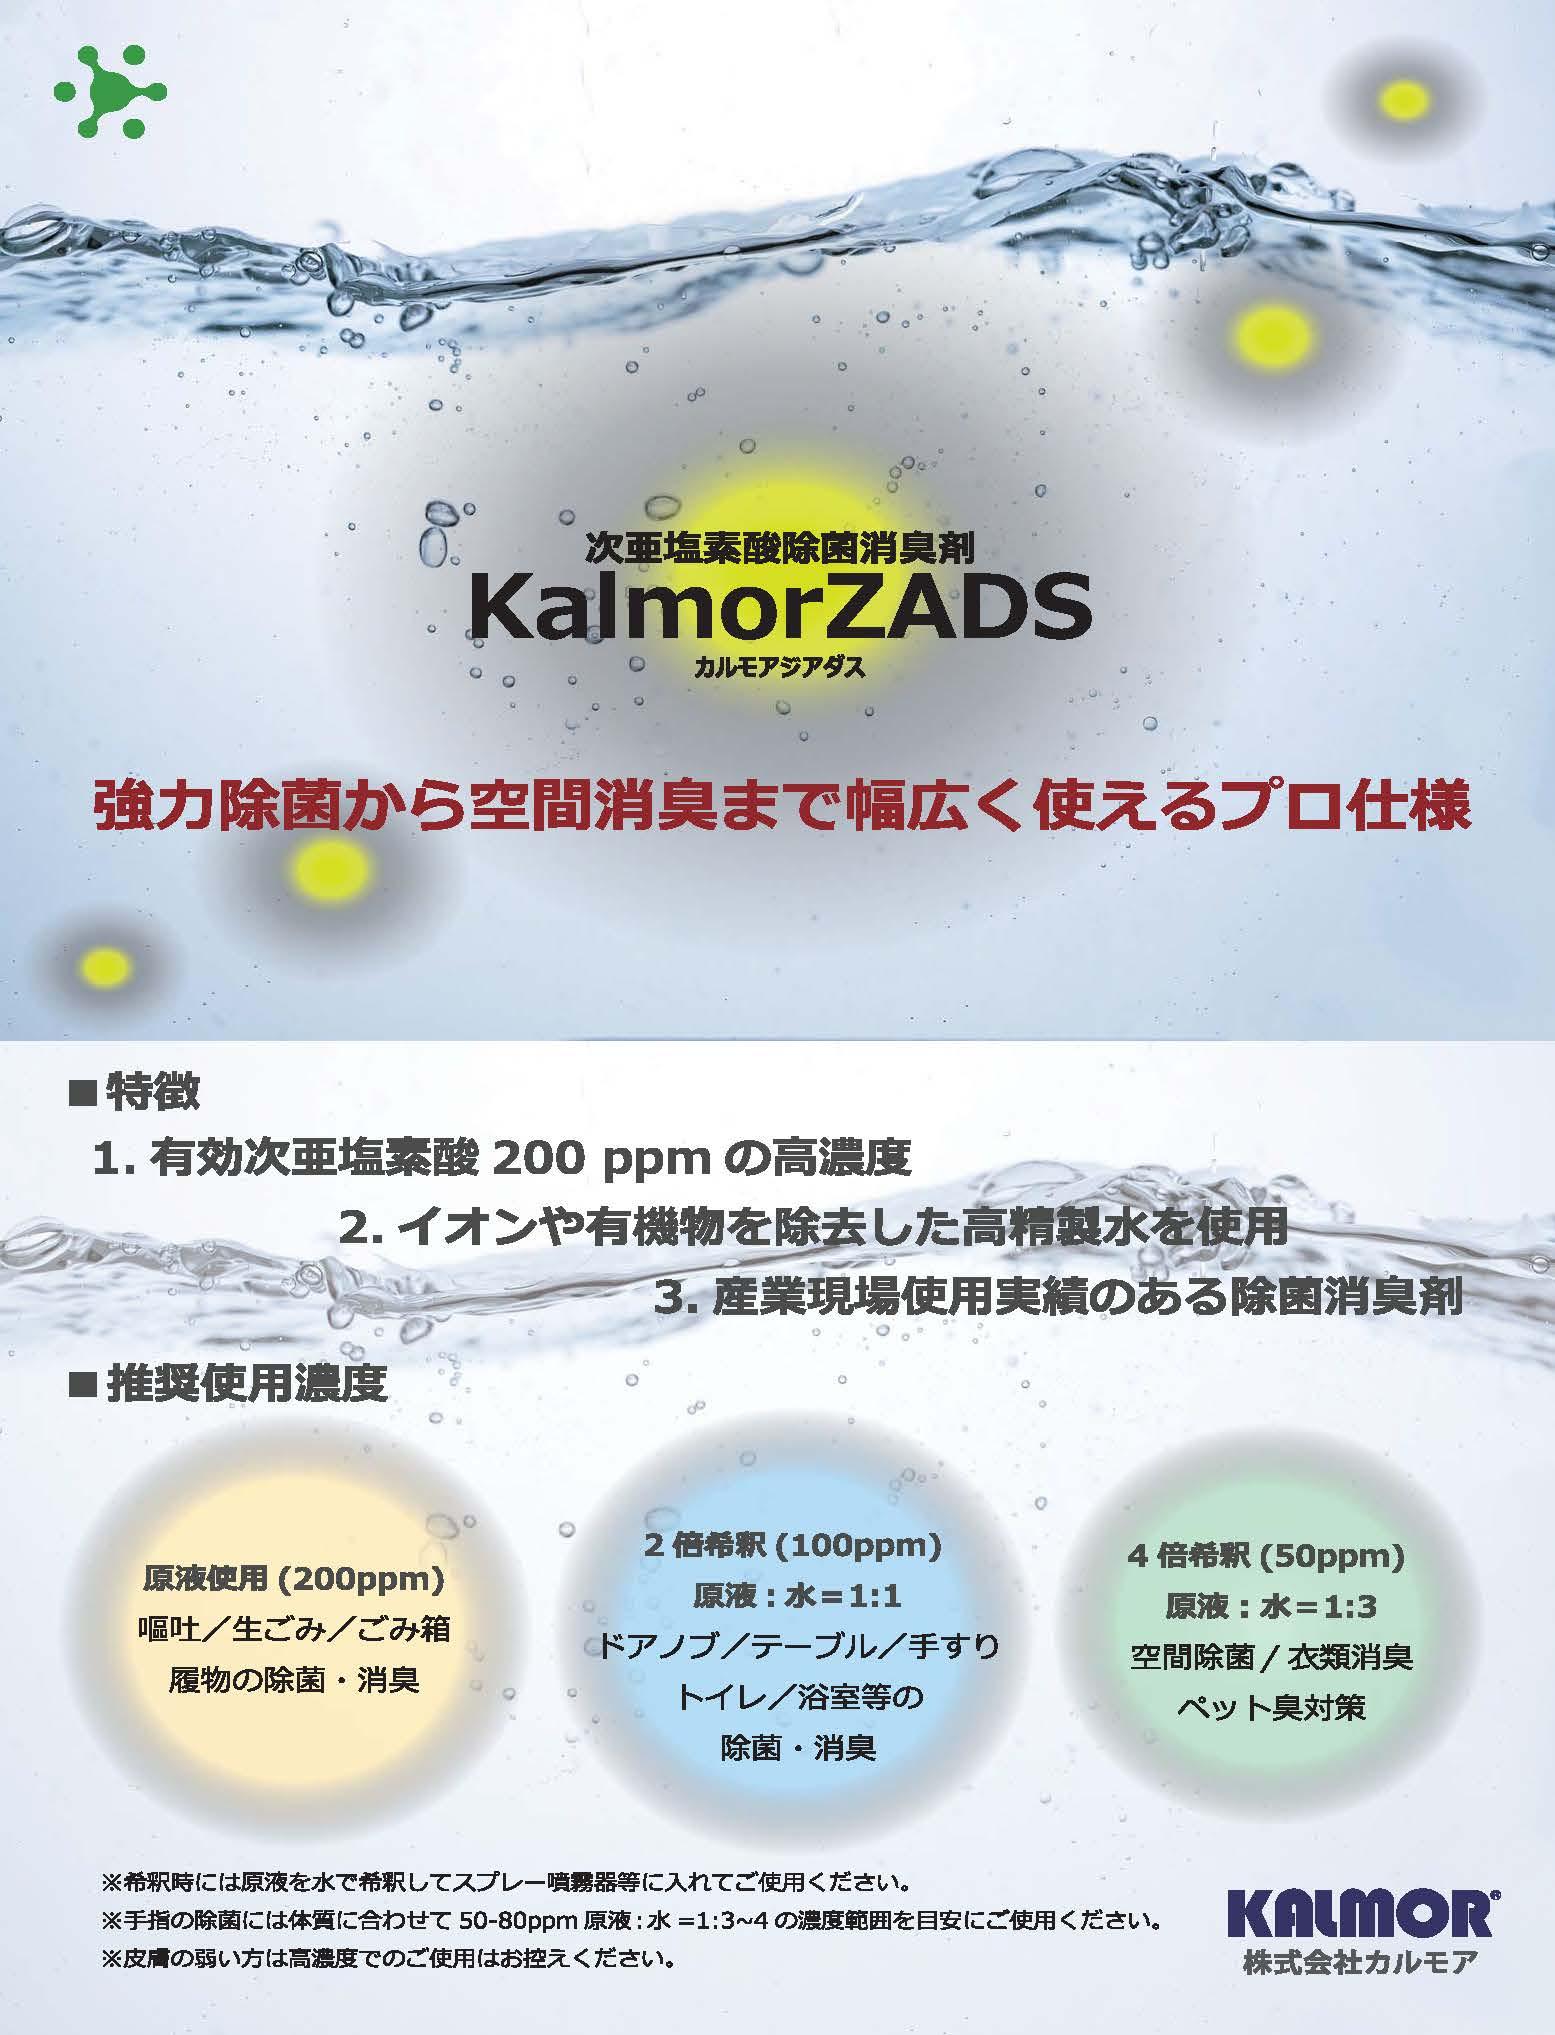 次亜塩素酸 除菌・消臭剤KalmorZADS(カルモアジアダス)カタログ